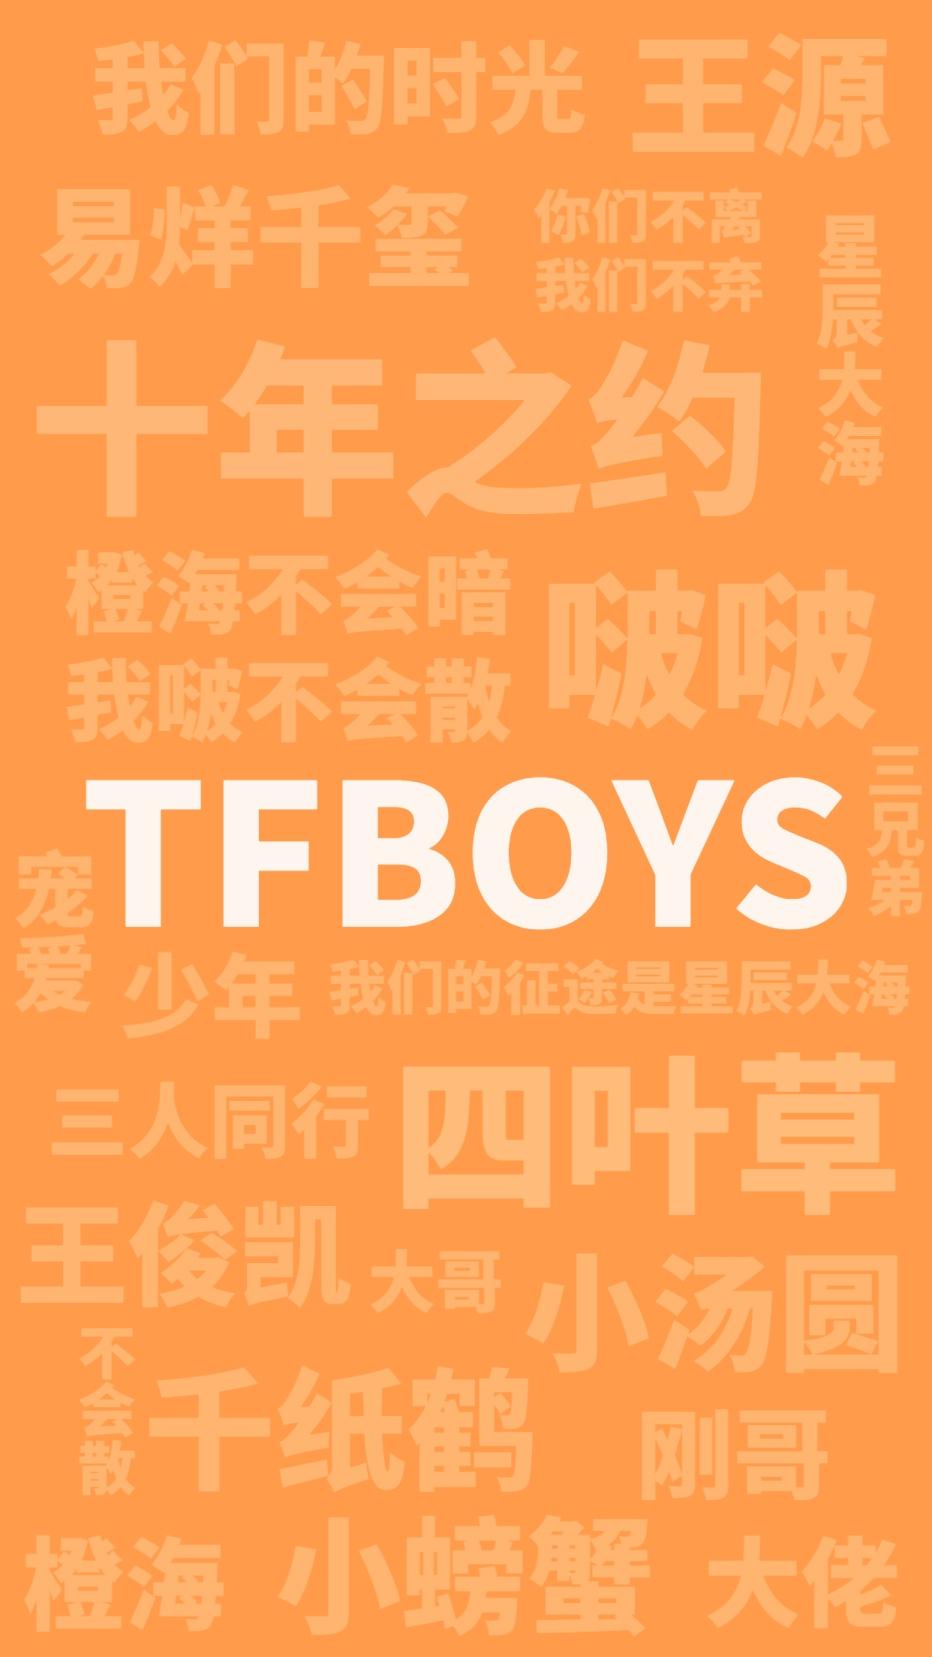 TFboys应援文字海报明星粉丝